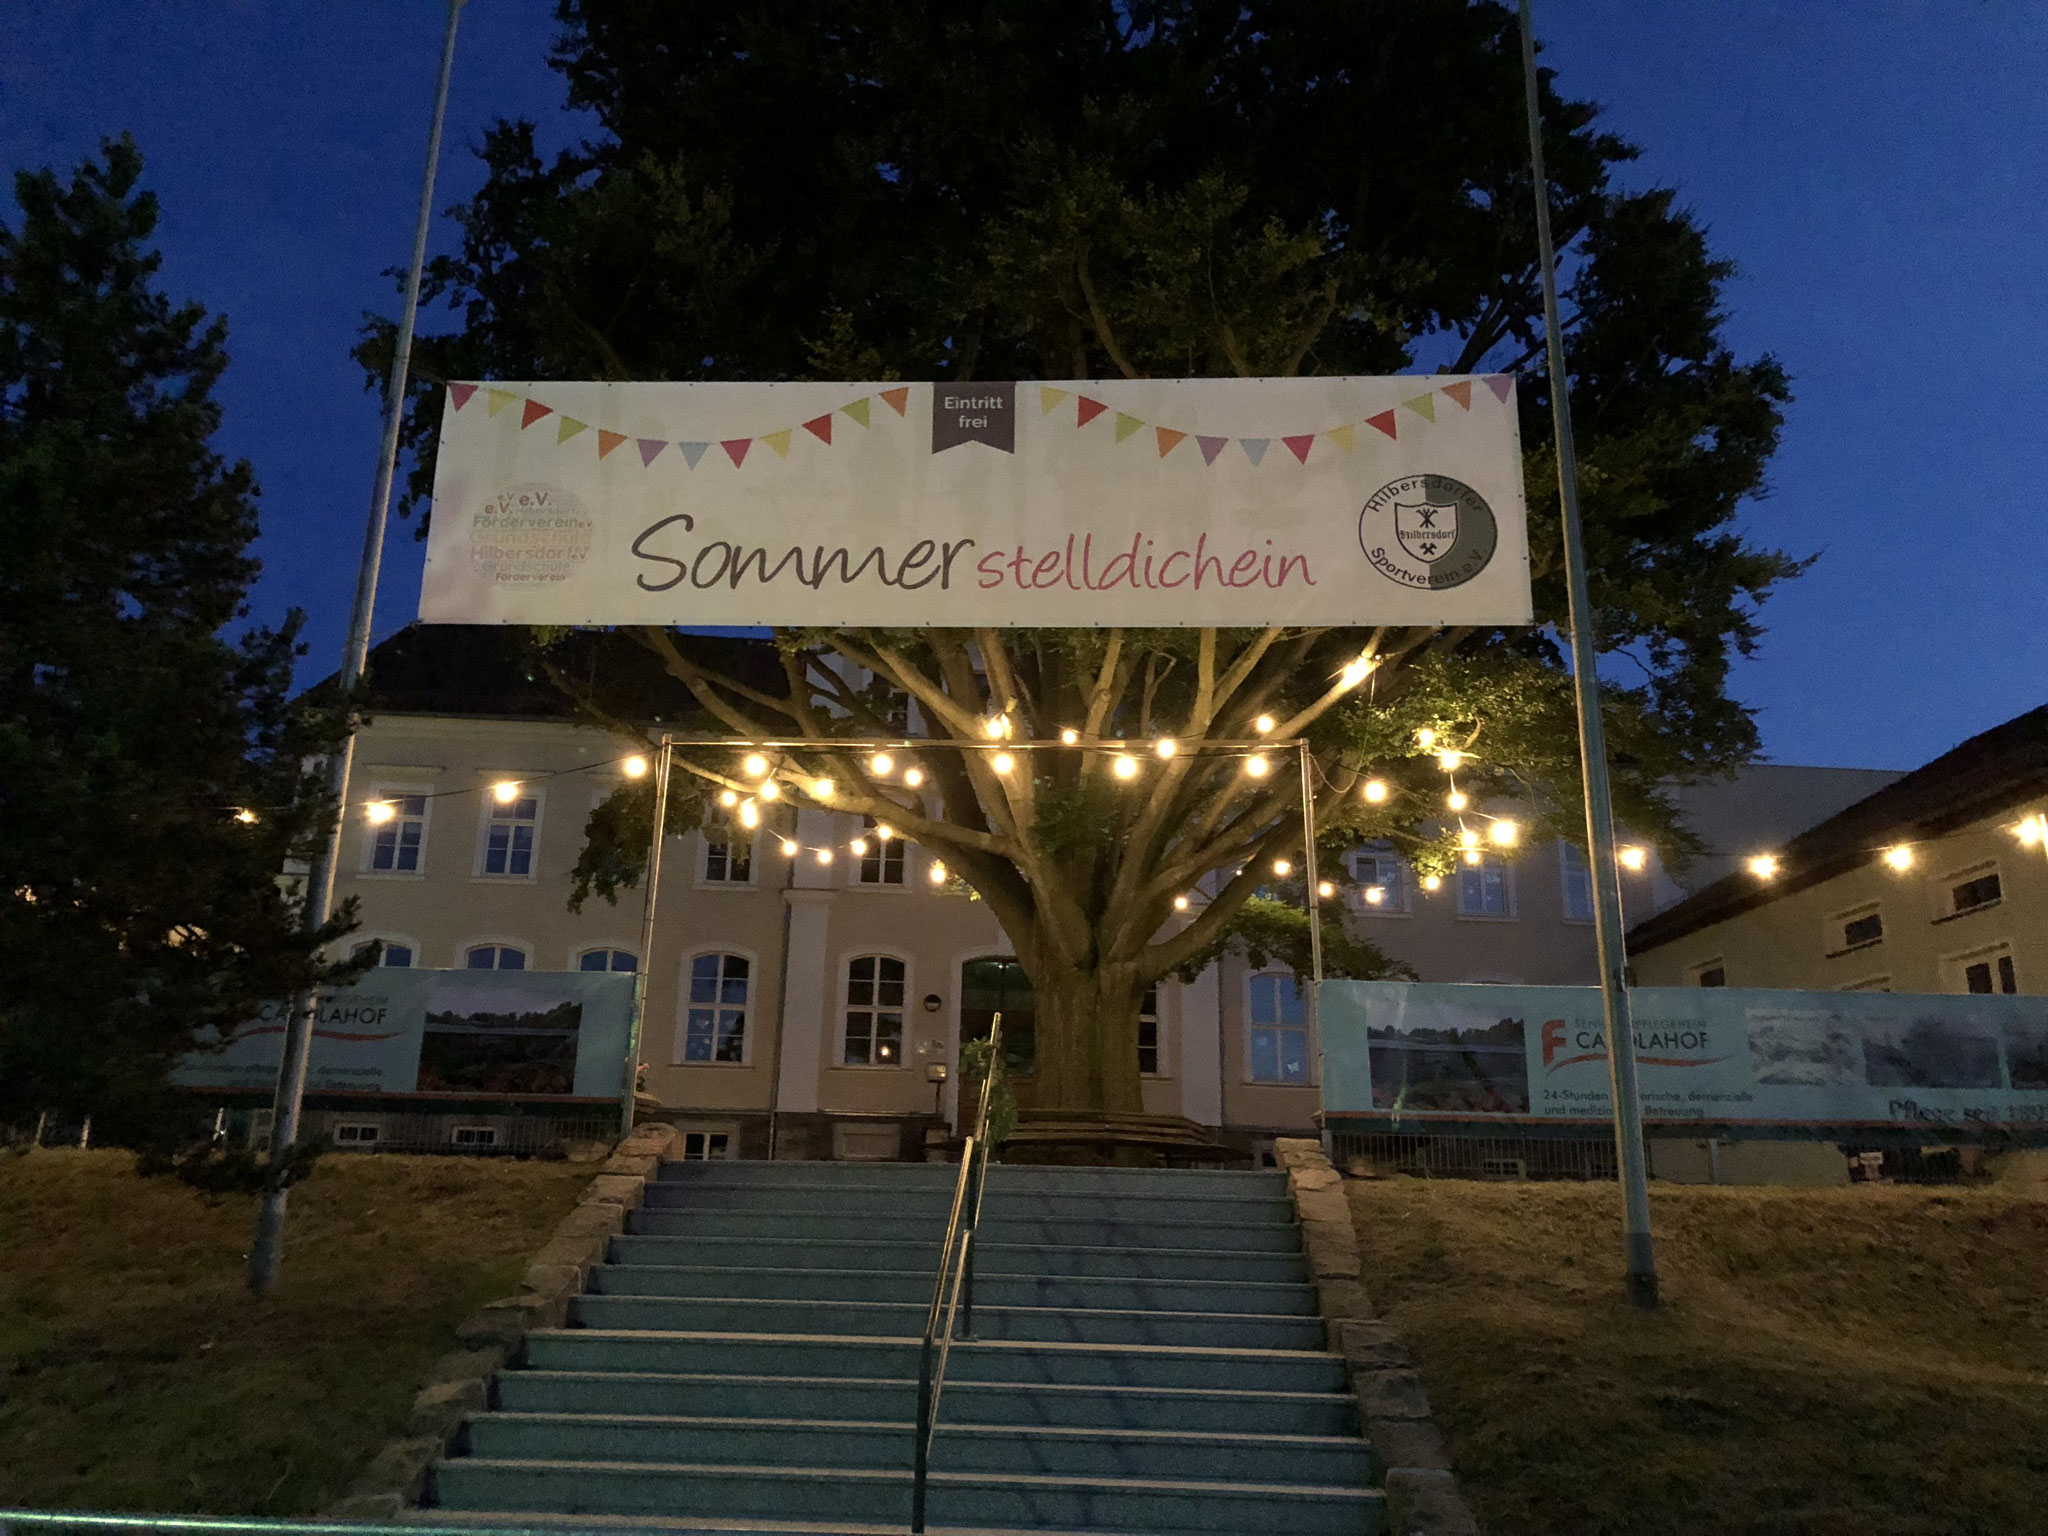 Unser Sommerstelldichein war ein riesen Erfolg und nur möglich, durch das große Engagement Aller!